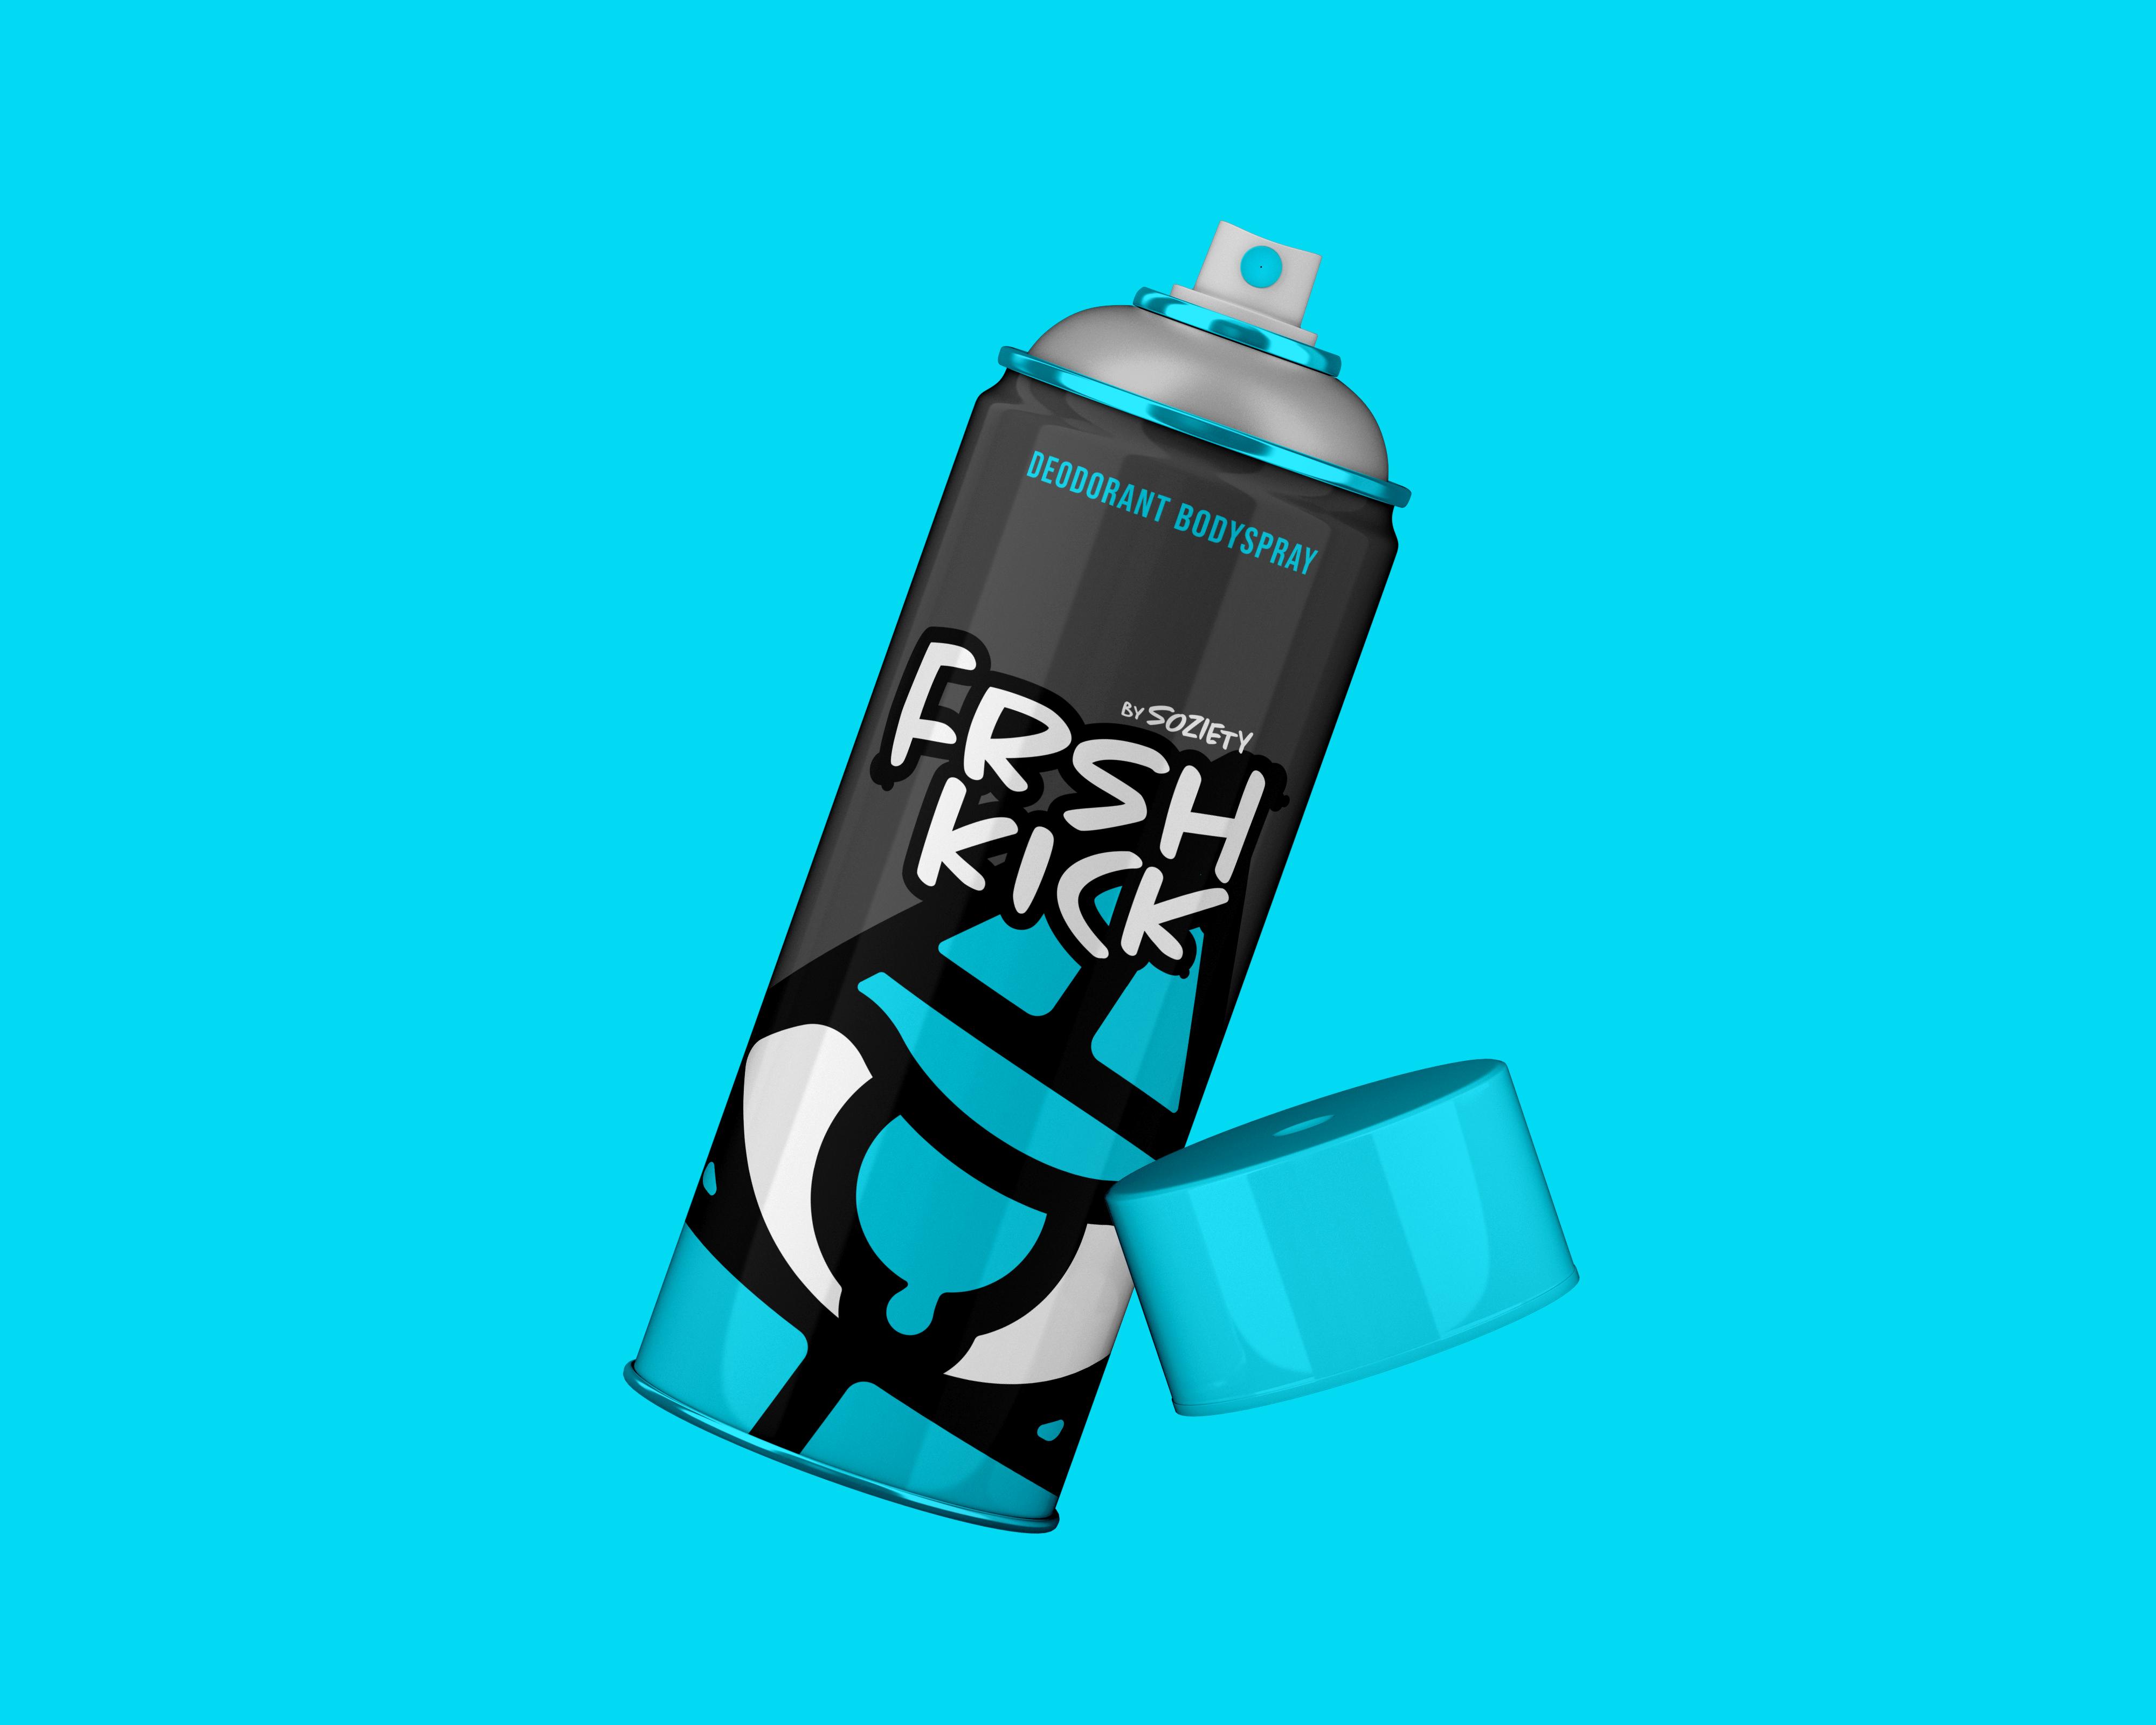 SOZIETY FRSHKICK Spray Mockup